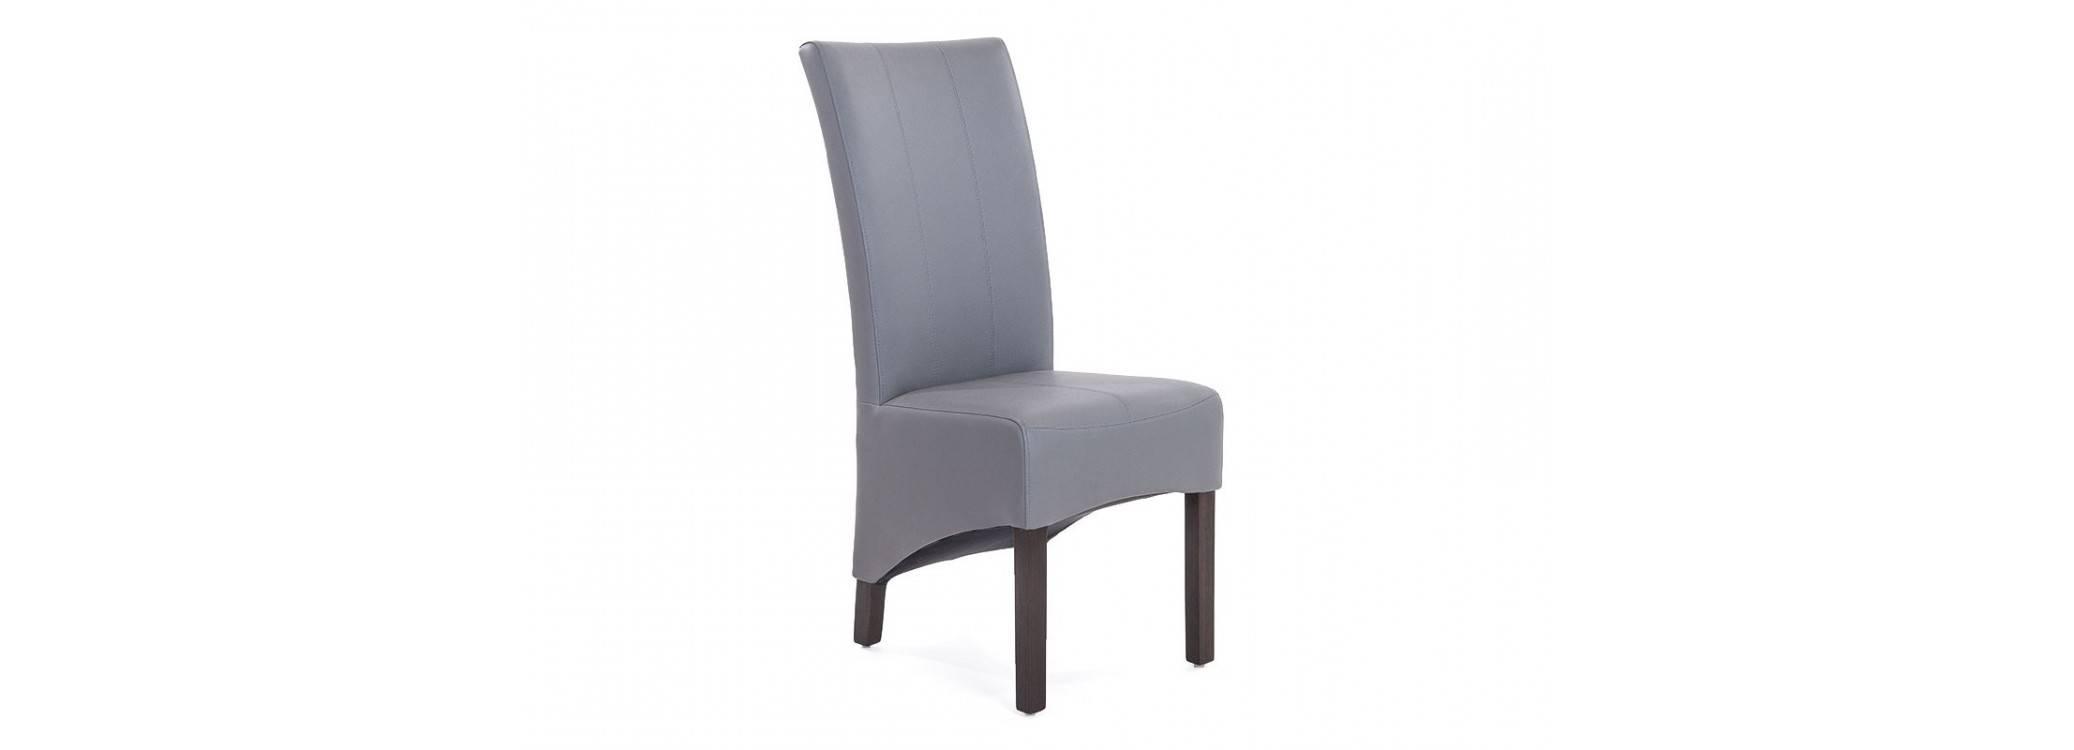 Chaise Bovary - Cuir recyclé gris